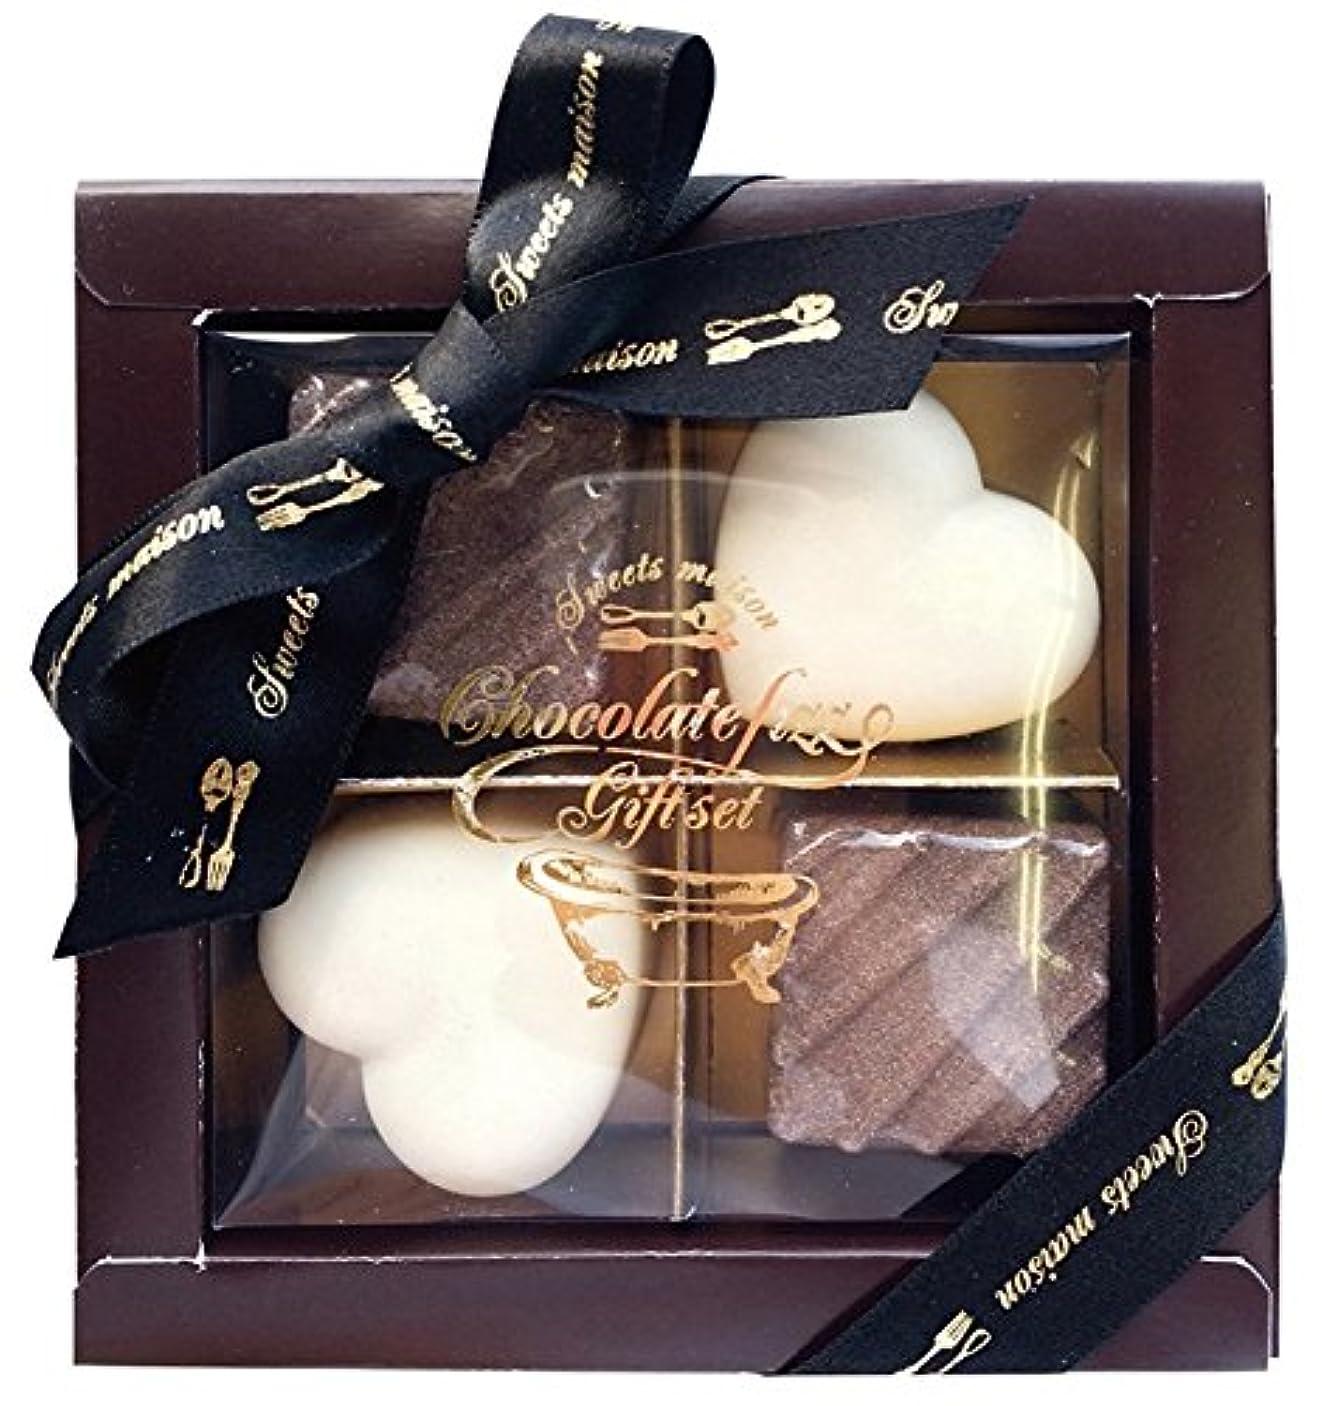 分類調子インシュレータノルコーポレーション 入浴剤 ギフトセット チョコレートフィズ ブラウンボックス OB-SMG-5-1